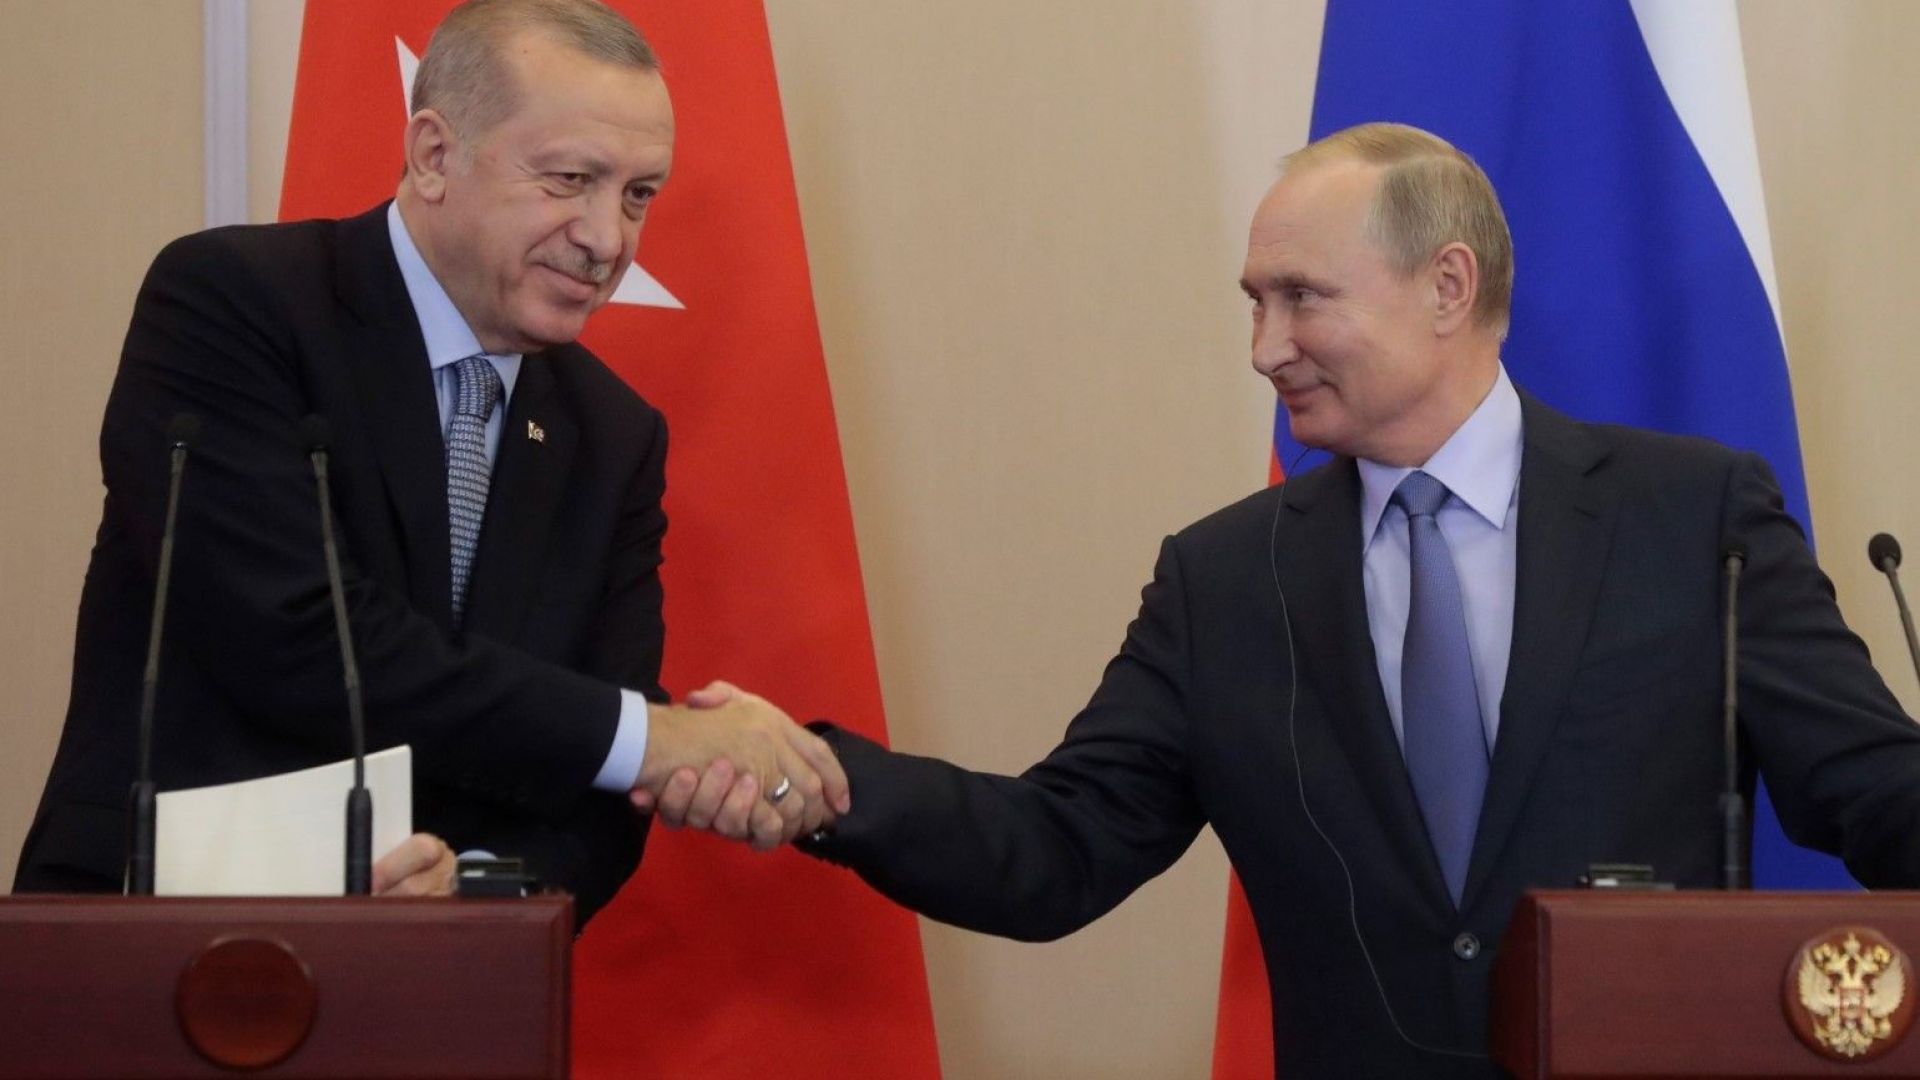 Сирия трябва да бъде освободена от незаконното чуждестранно военно присъствие,